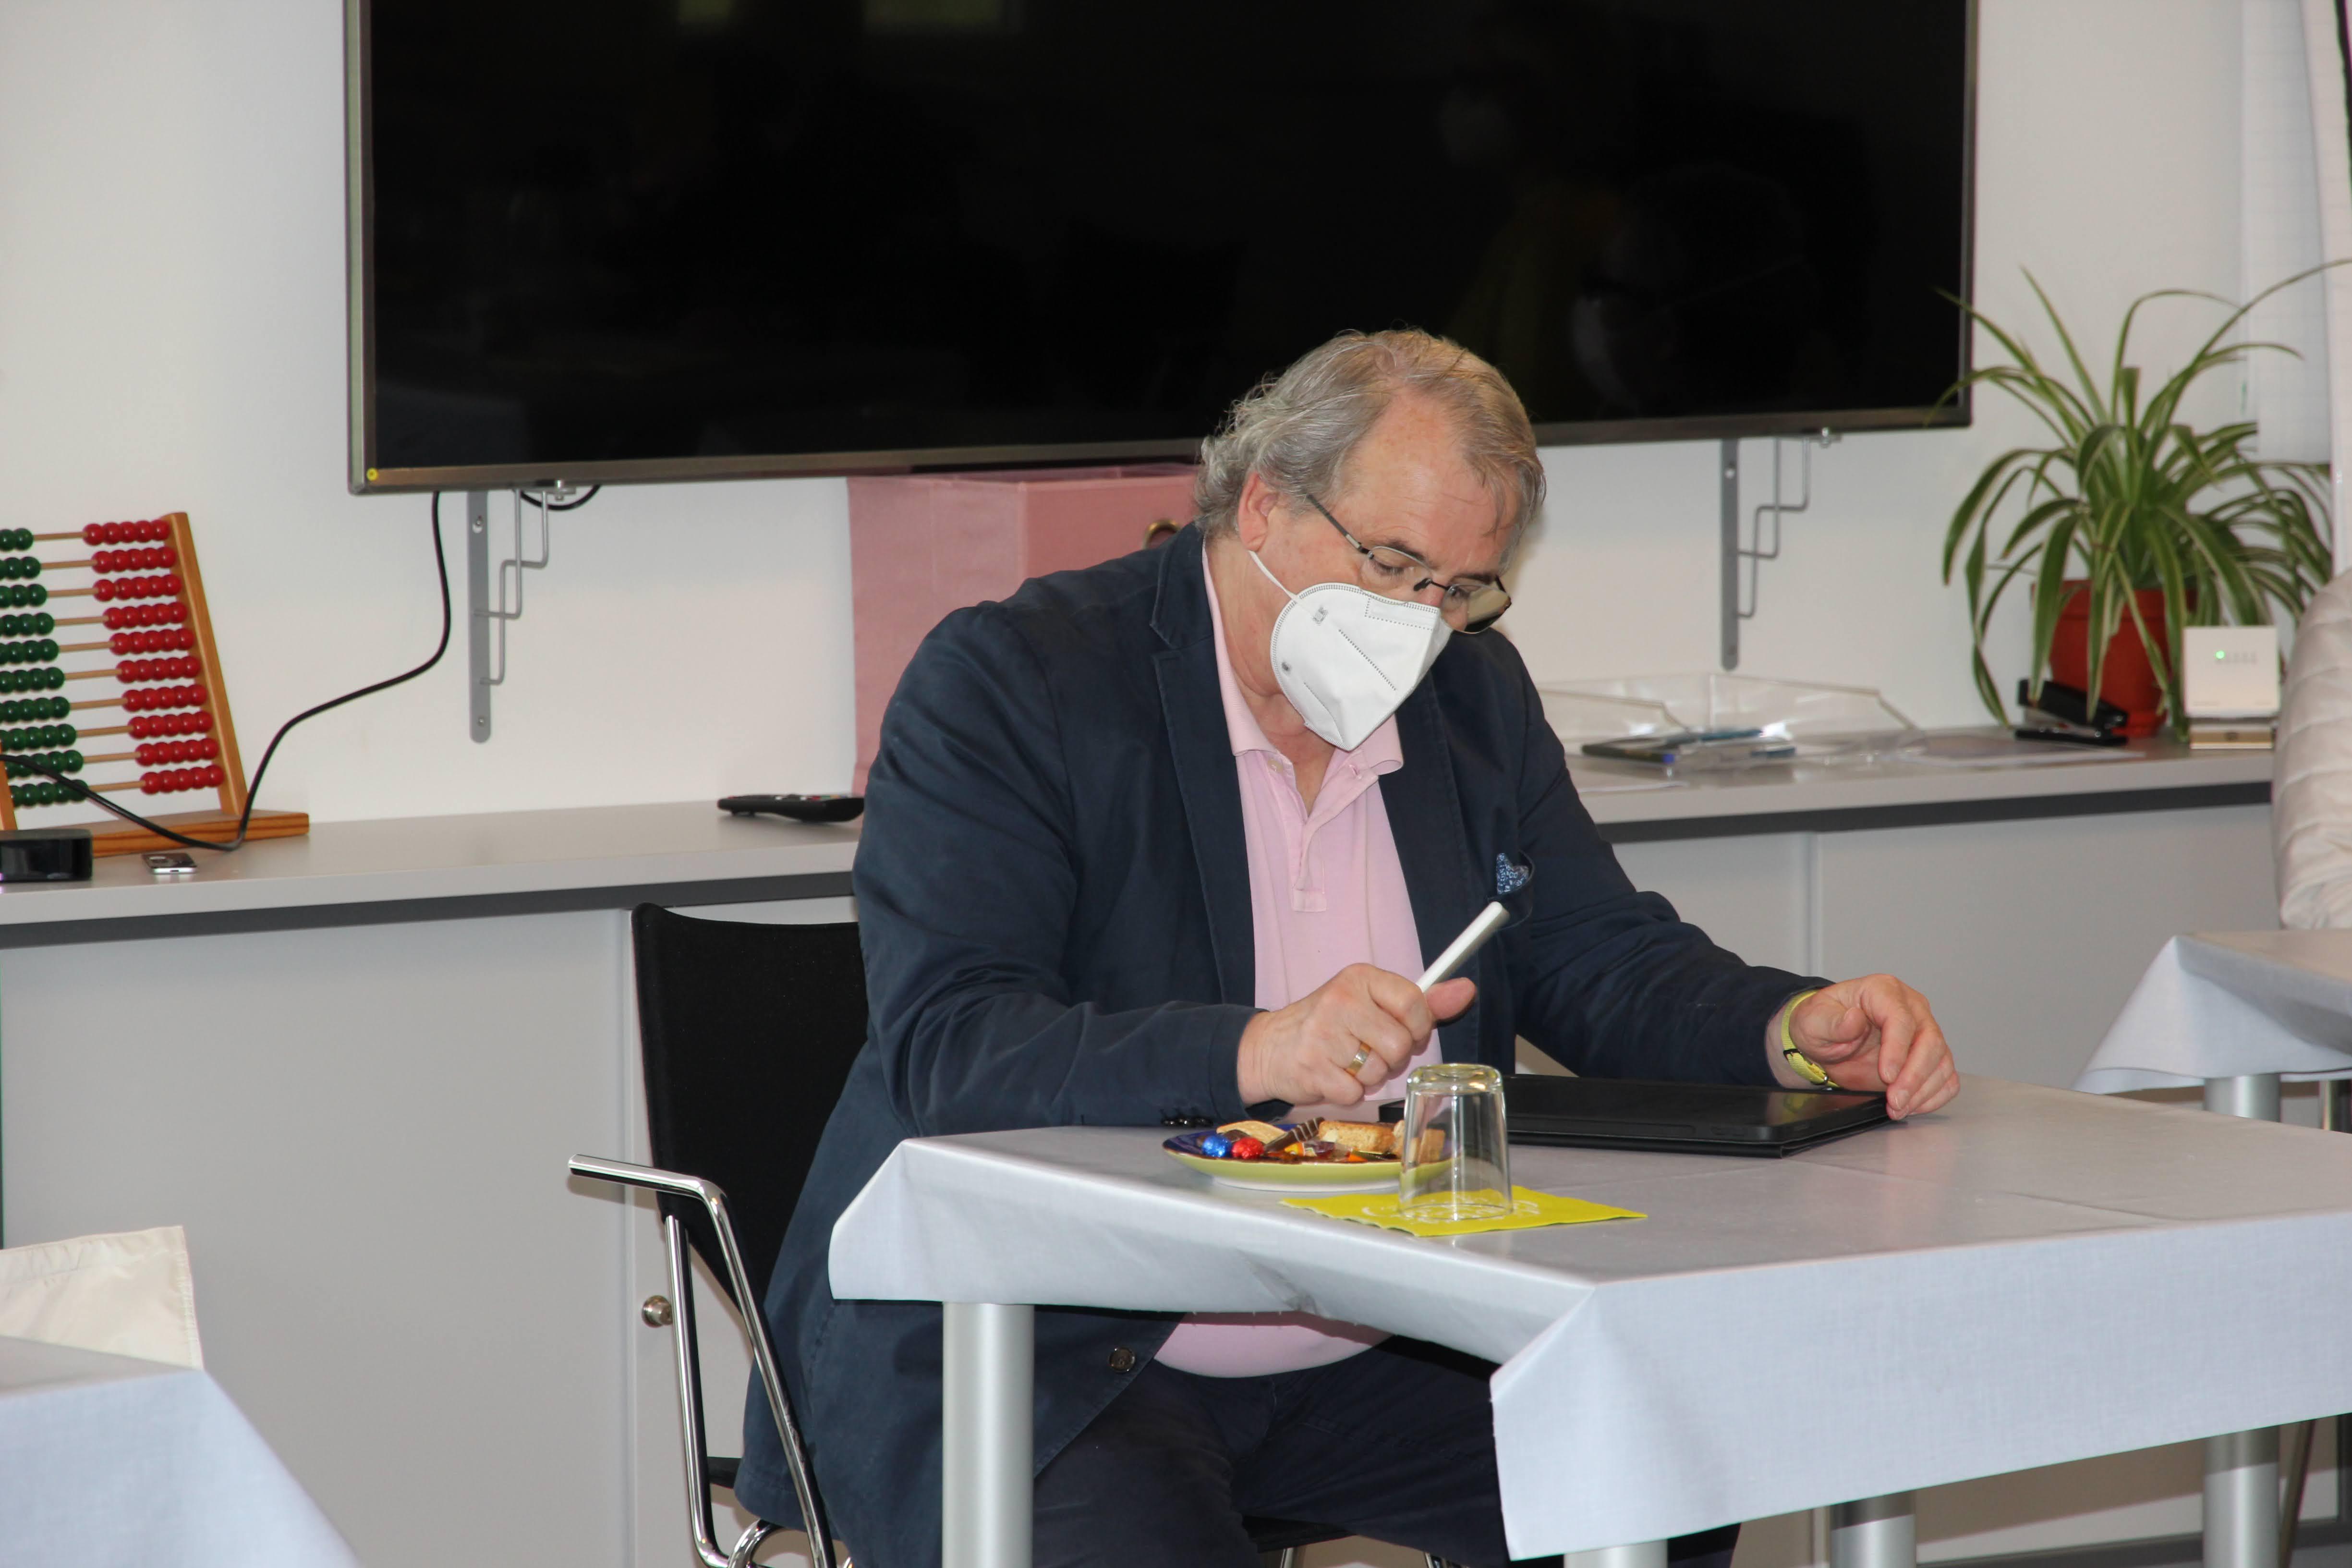 Lob für Krisenmanagement von den Auditoren Gerhard Weidemann (Foto) und Dr. Markus Reimer. Dank des Hygienekonzepts war eine Systembegutachtung auch 2021 in Präsenz möglich.